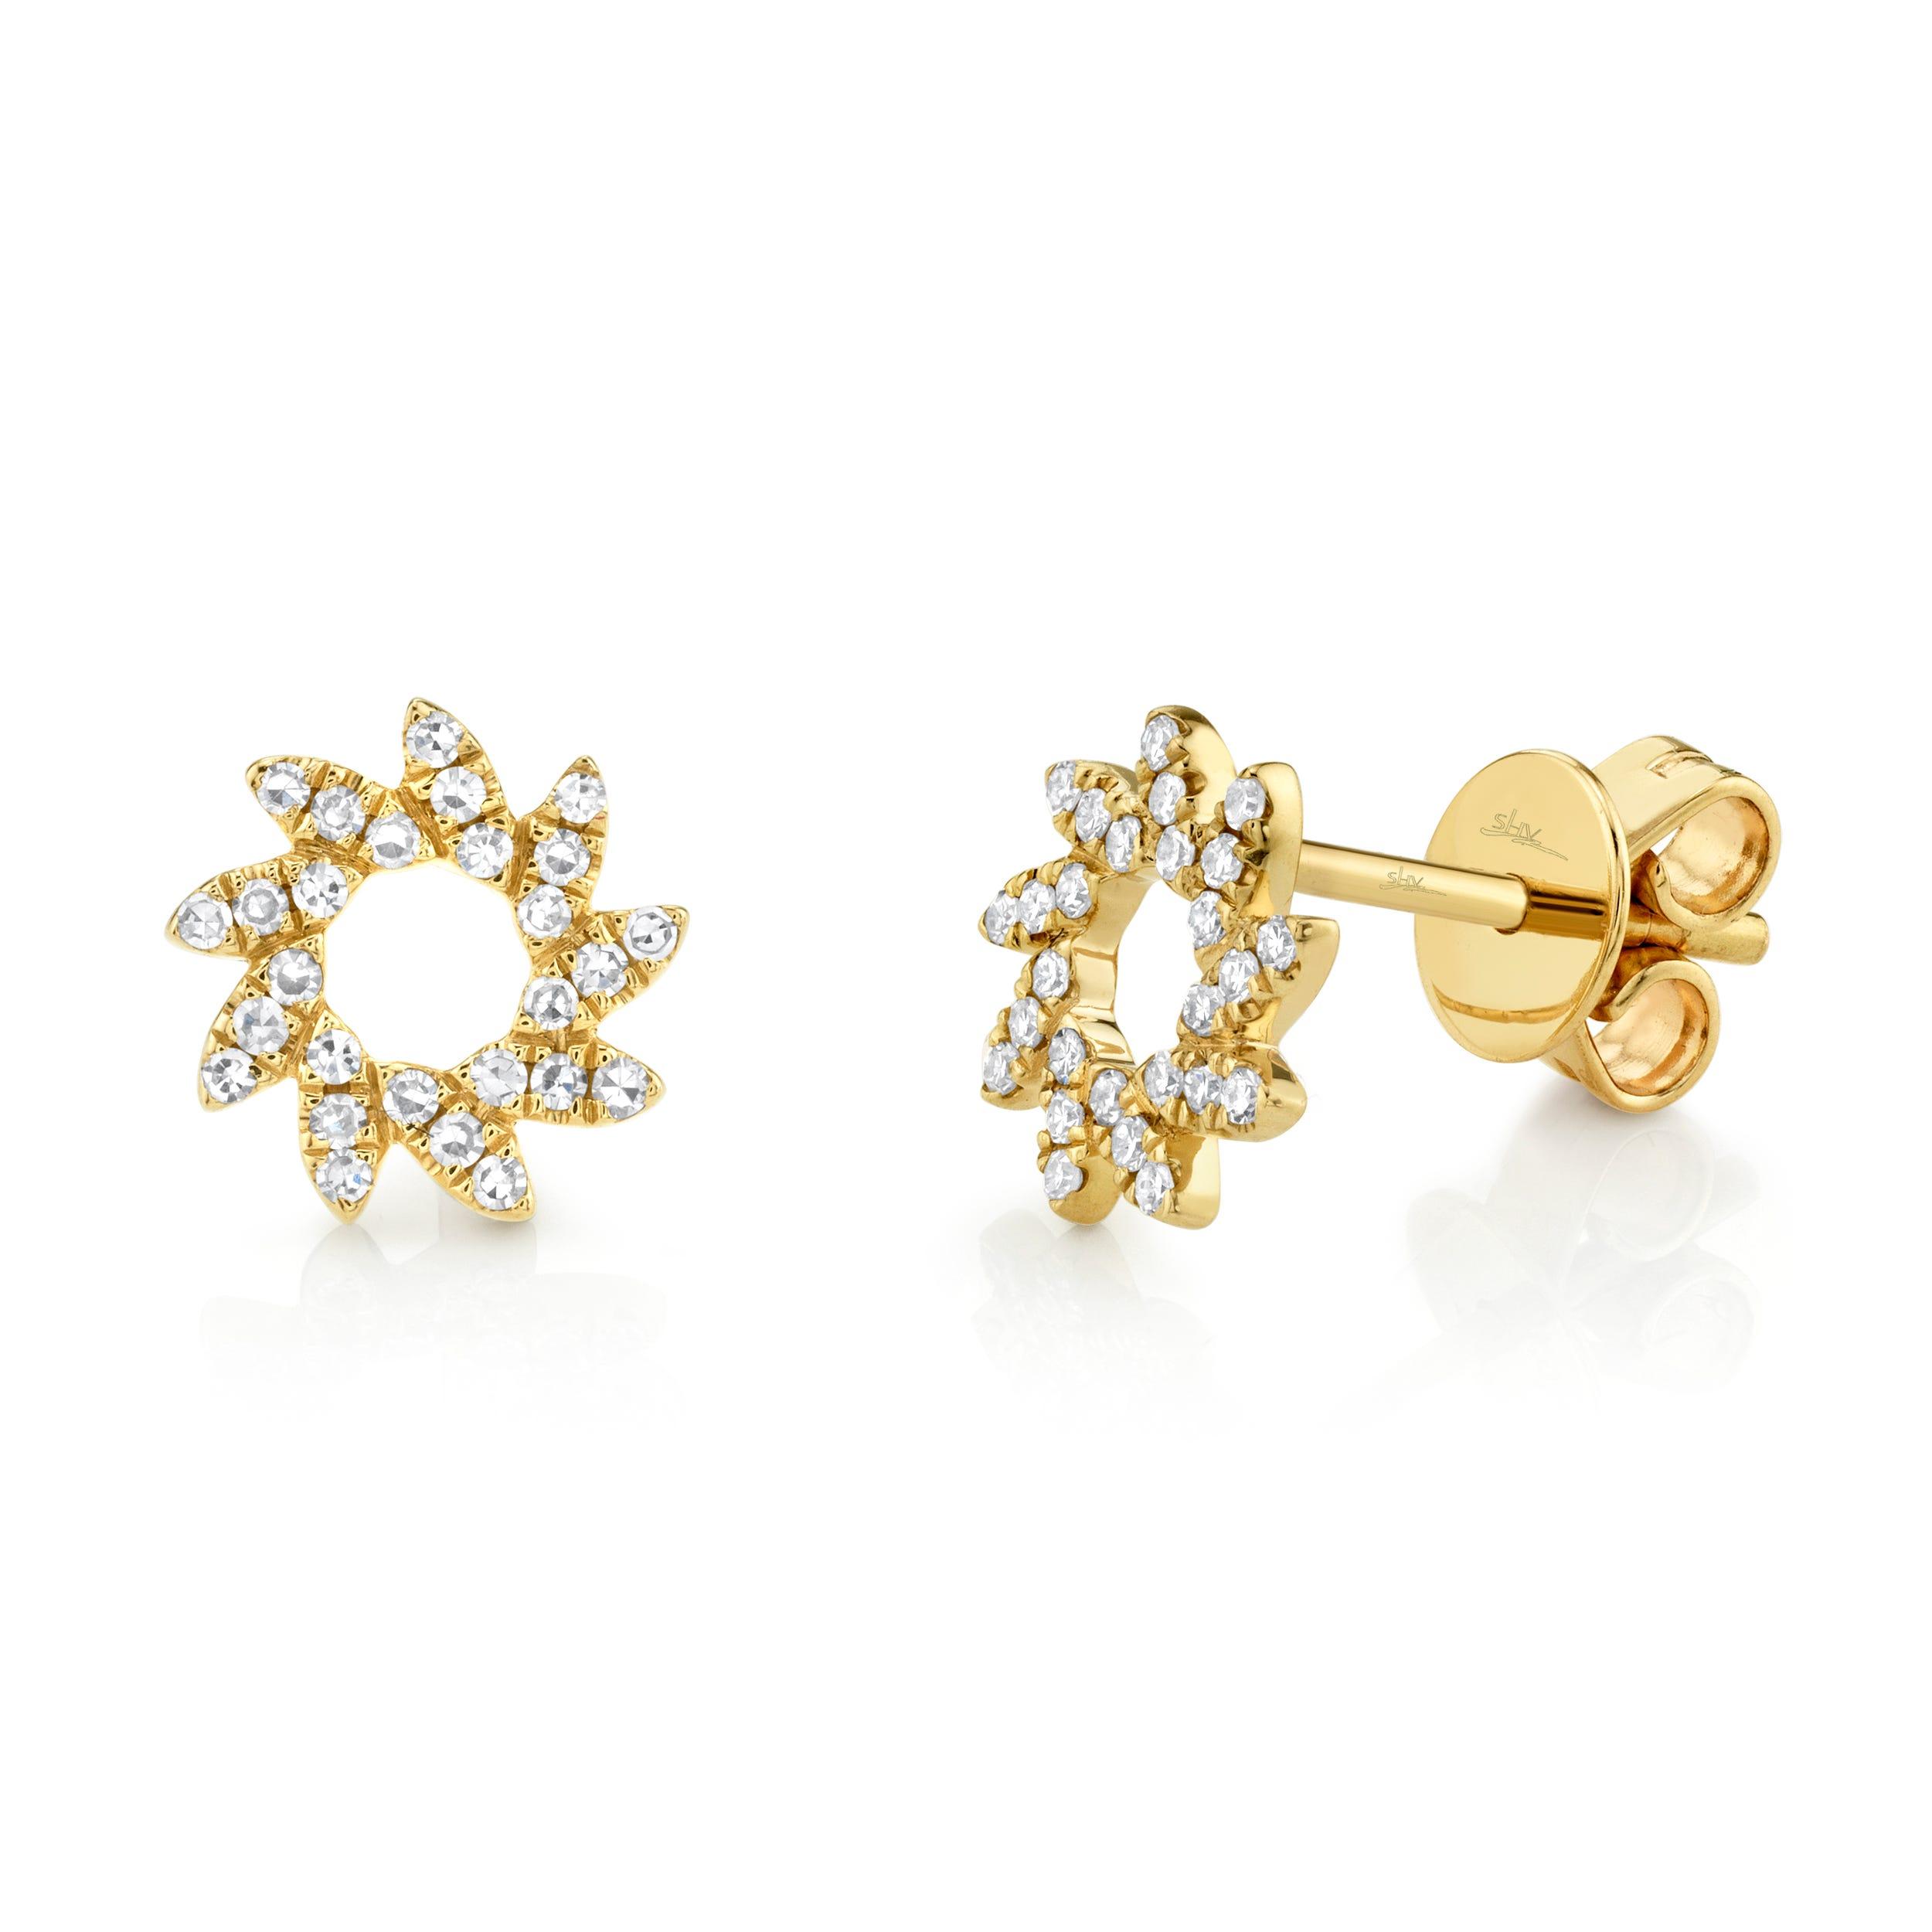 Shy Creation Sunburst Stud Earrings in 14k Yellow Gold SC55008994